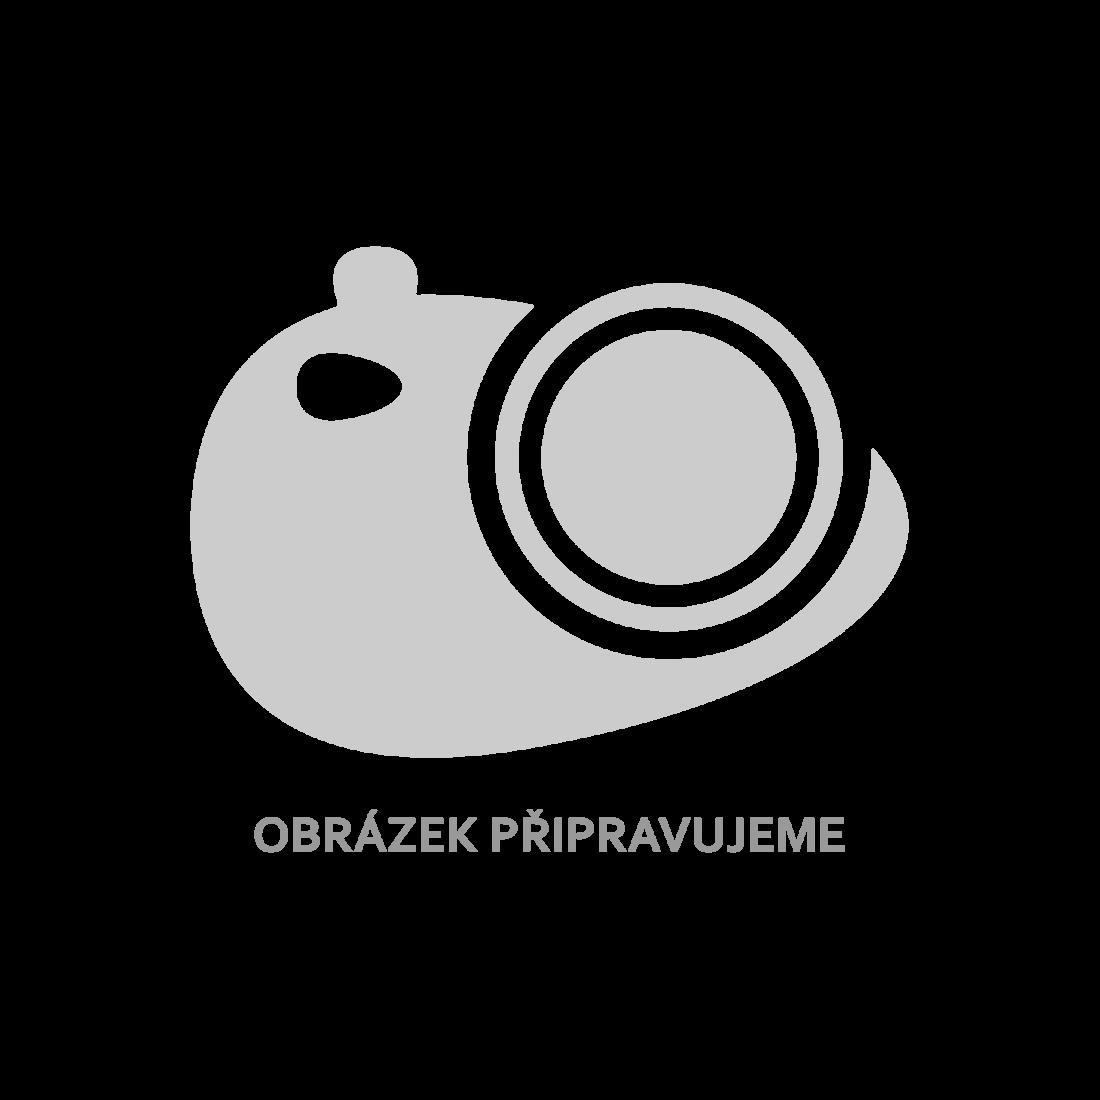 Roleta Zebra / noc a den / Twinroll 120 x 175 cm, šedá